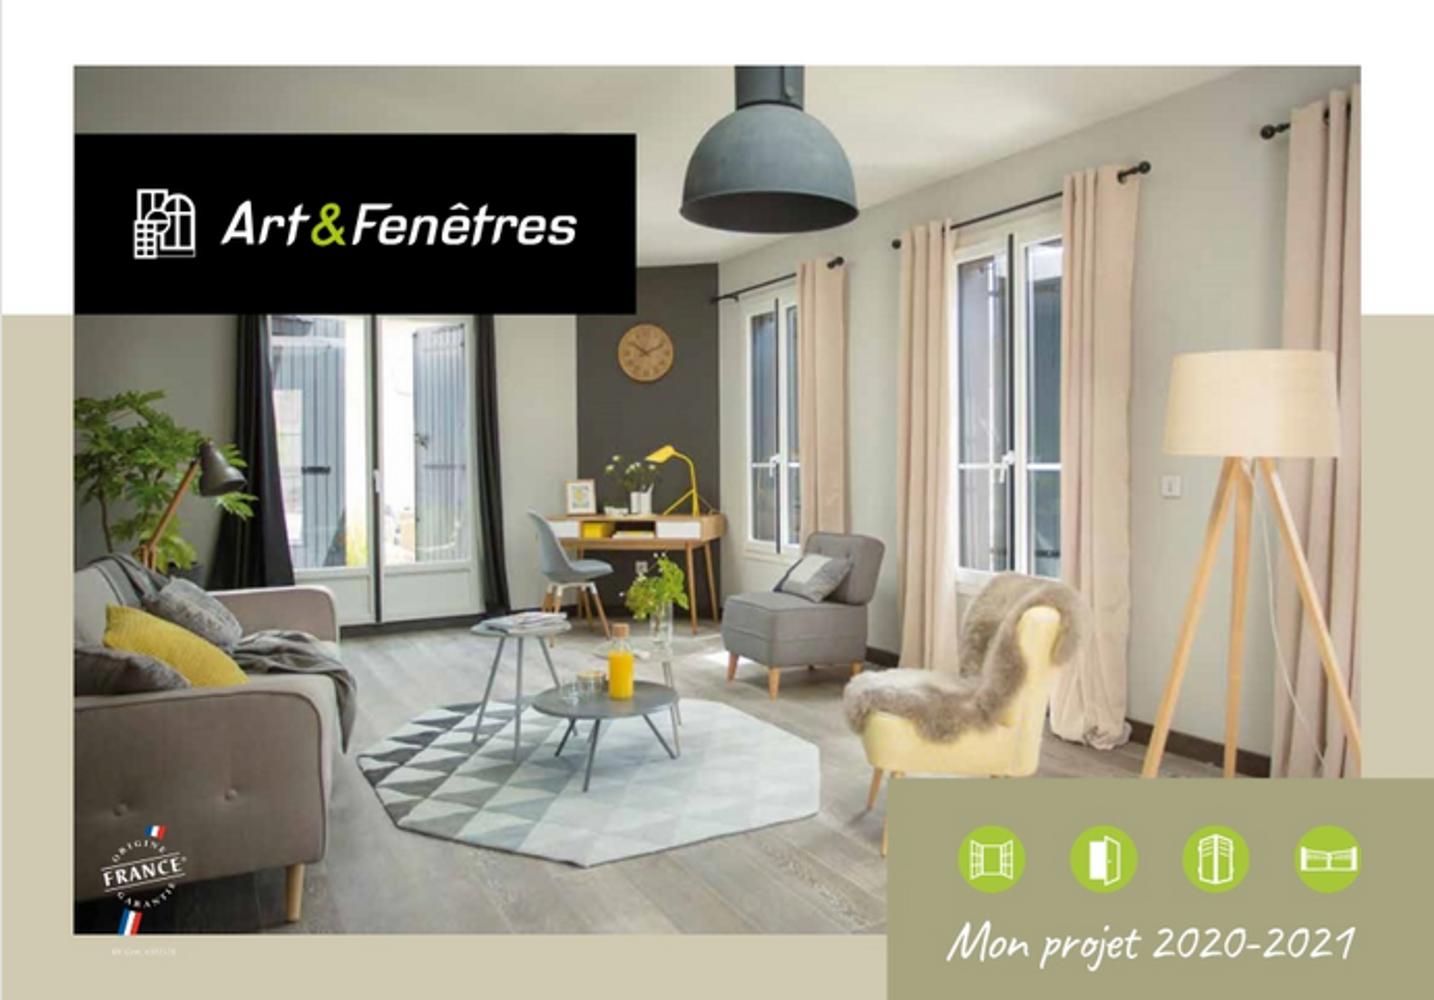 Le catalogue Art & Fenêtres 2020 0